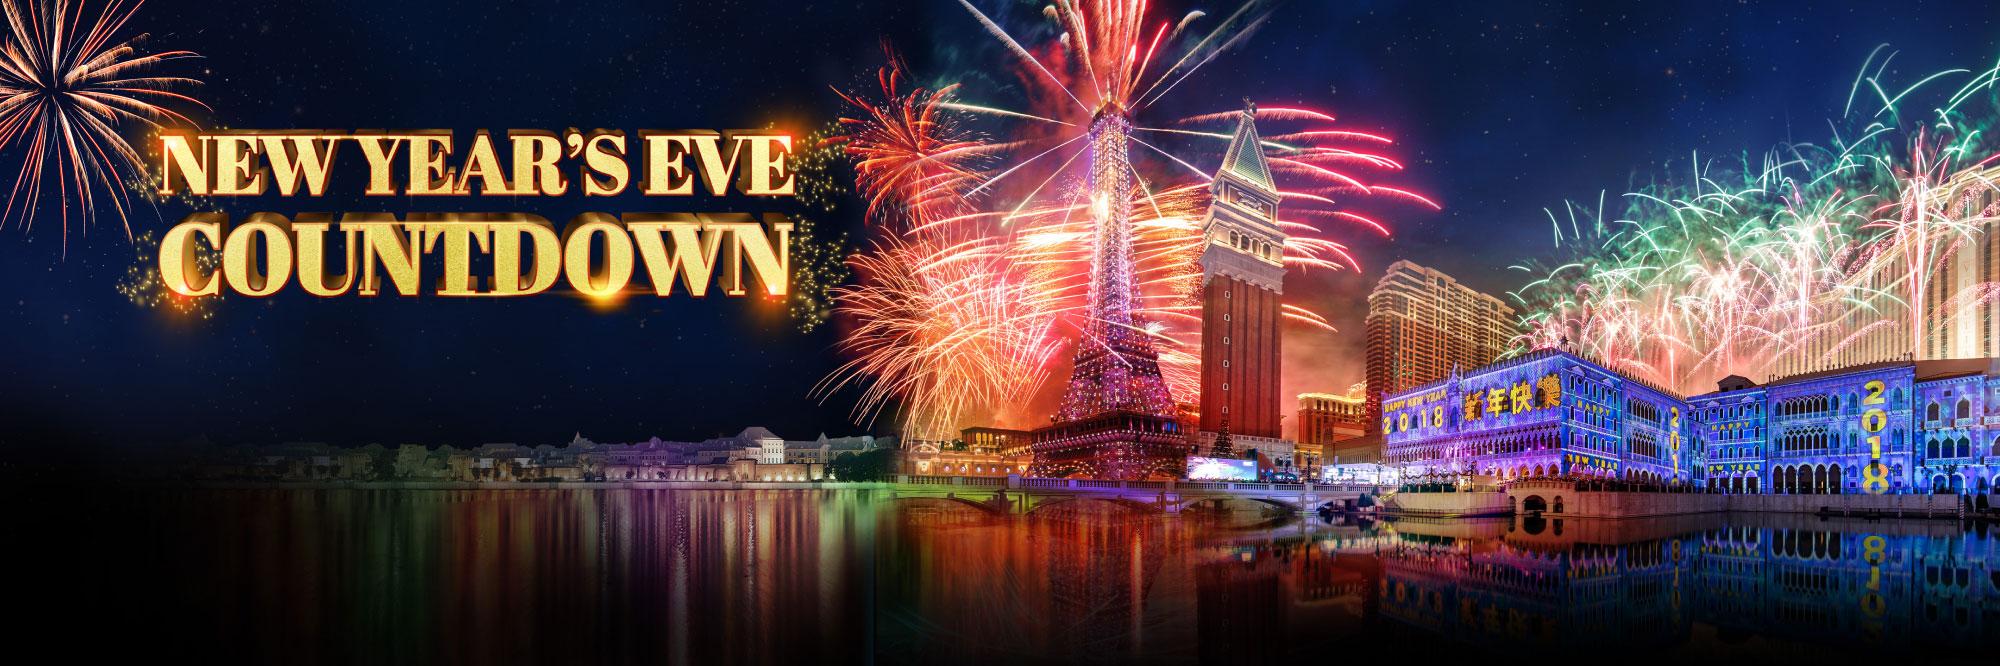 Nye Countdown Live